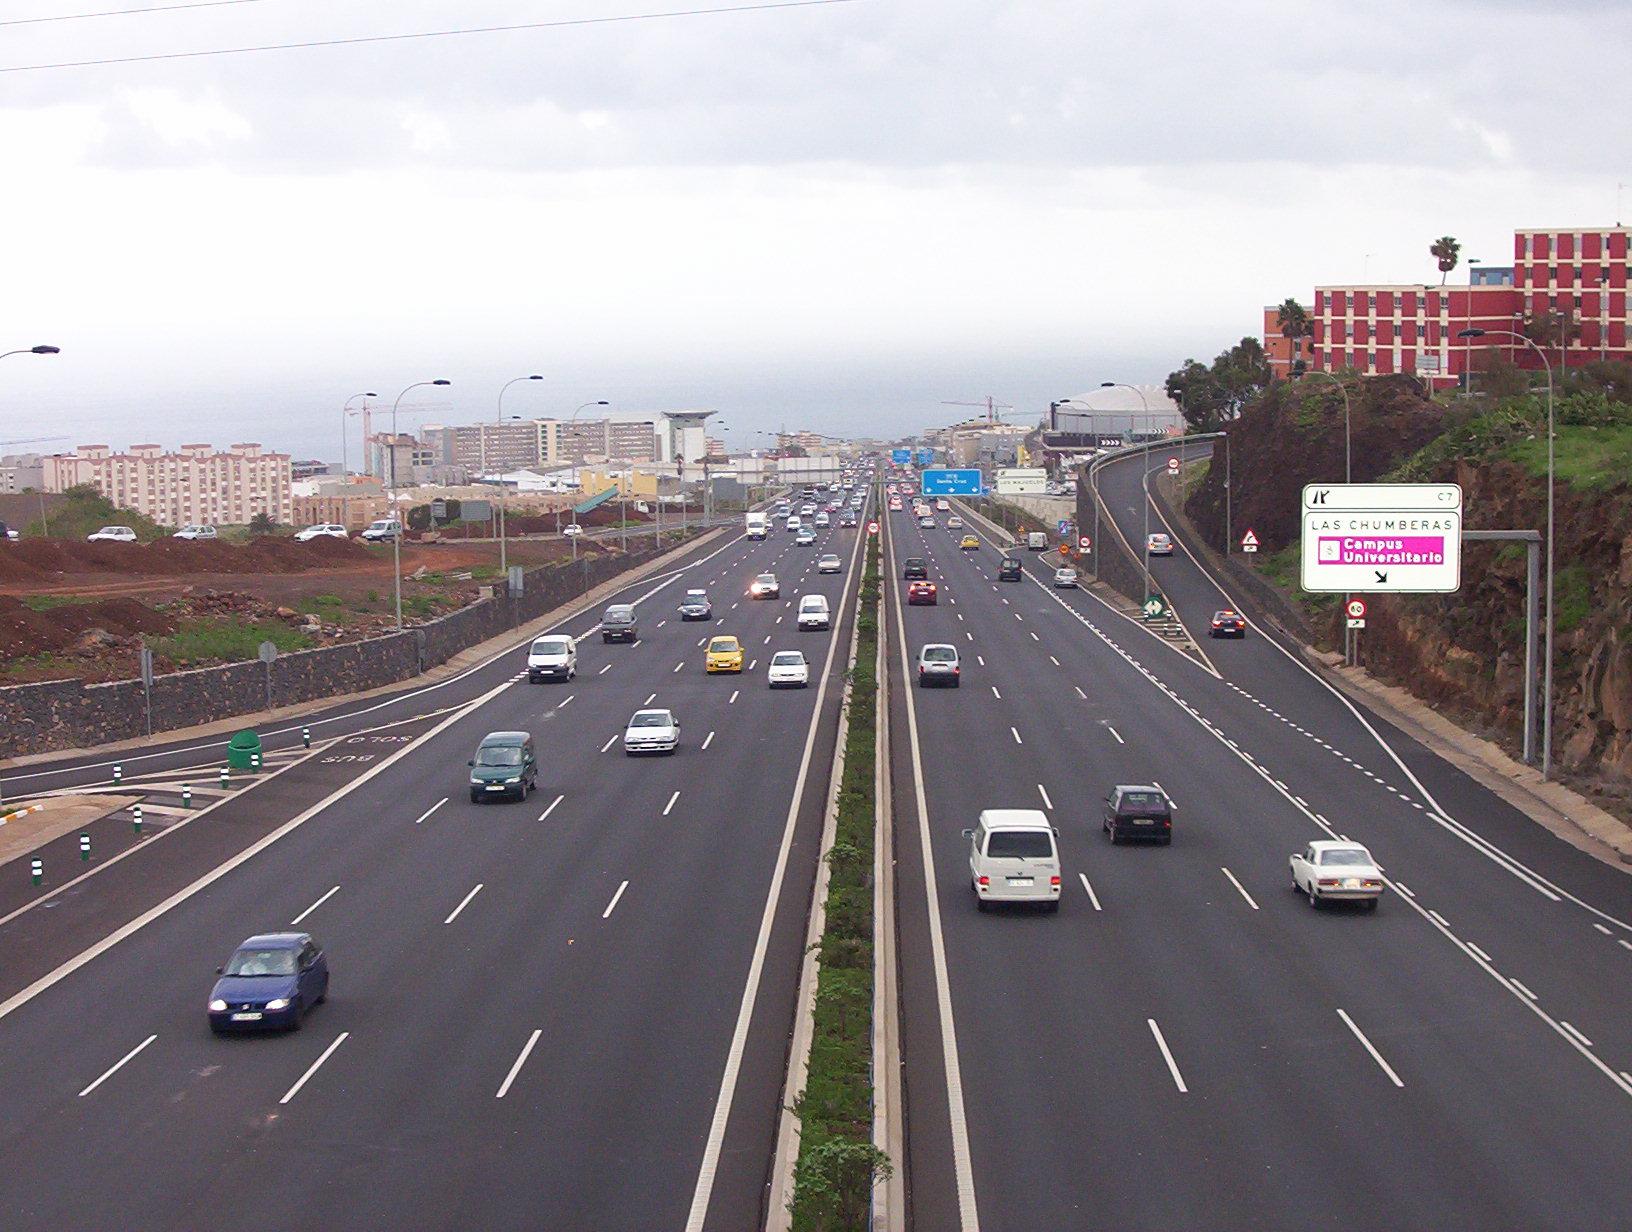 piruja wikipedia prostitutas en carretera